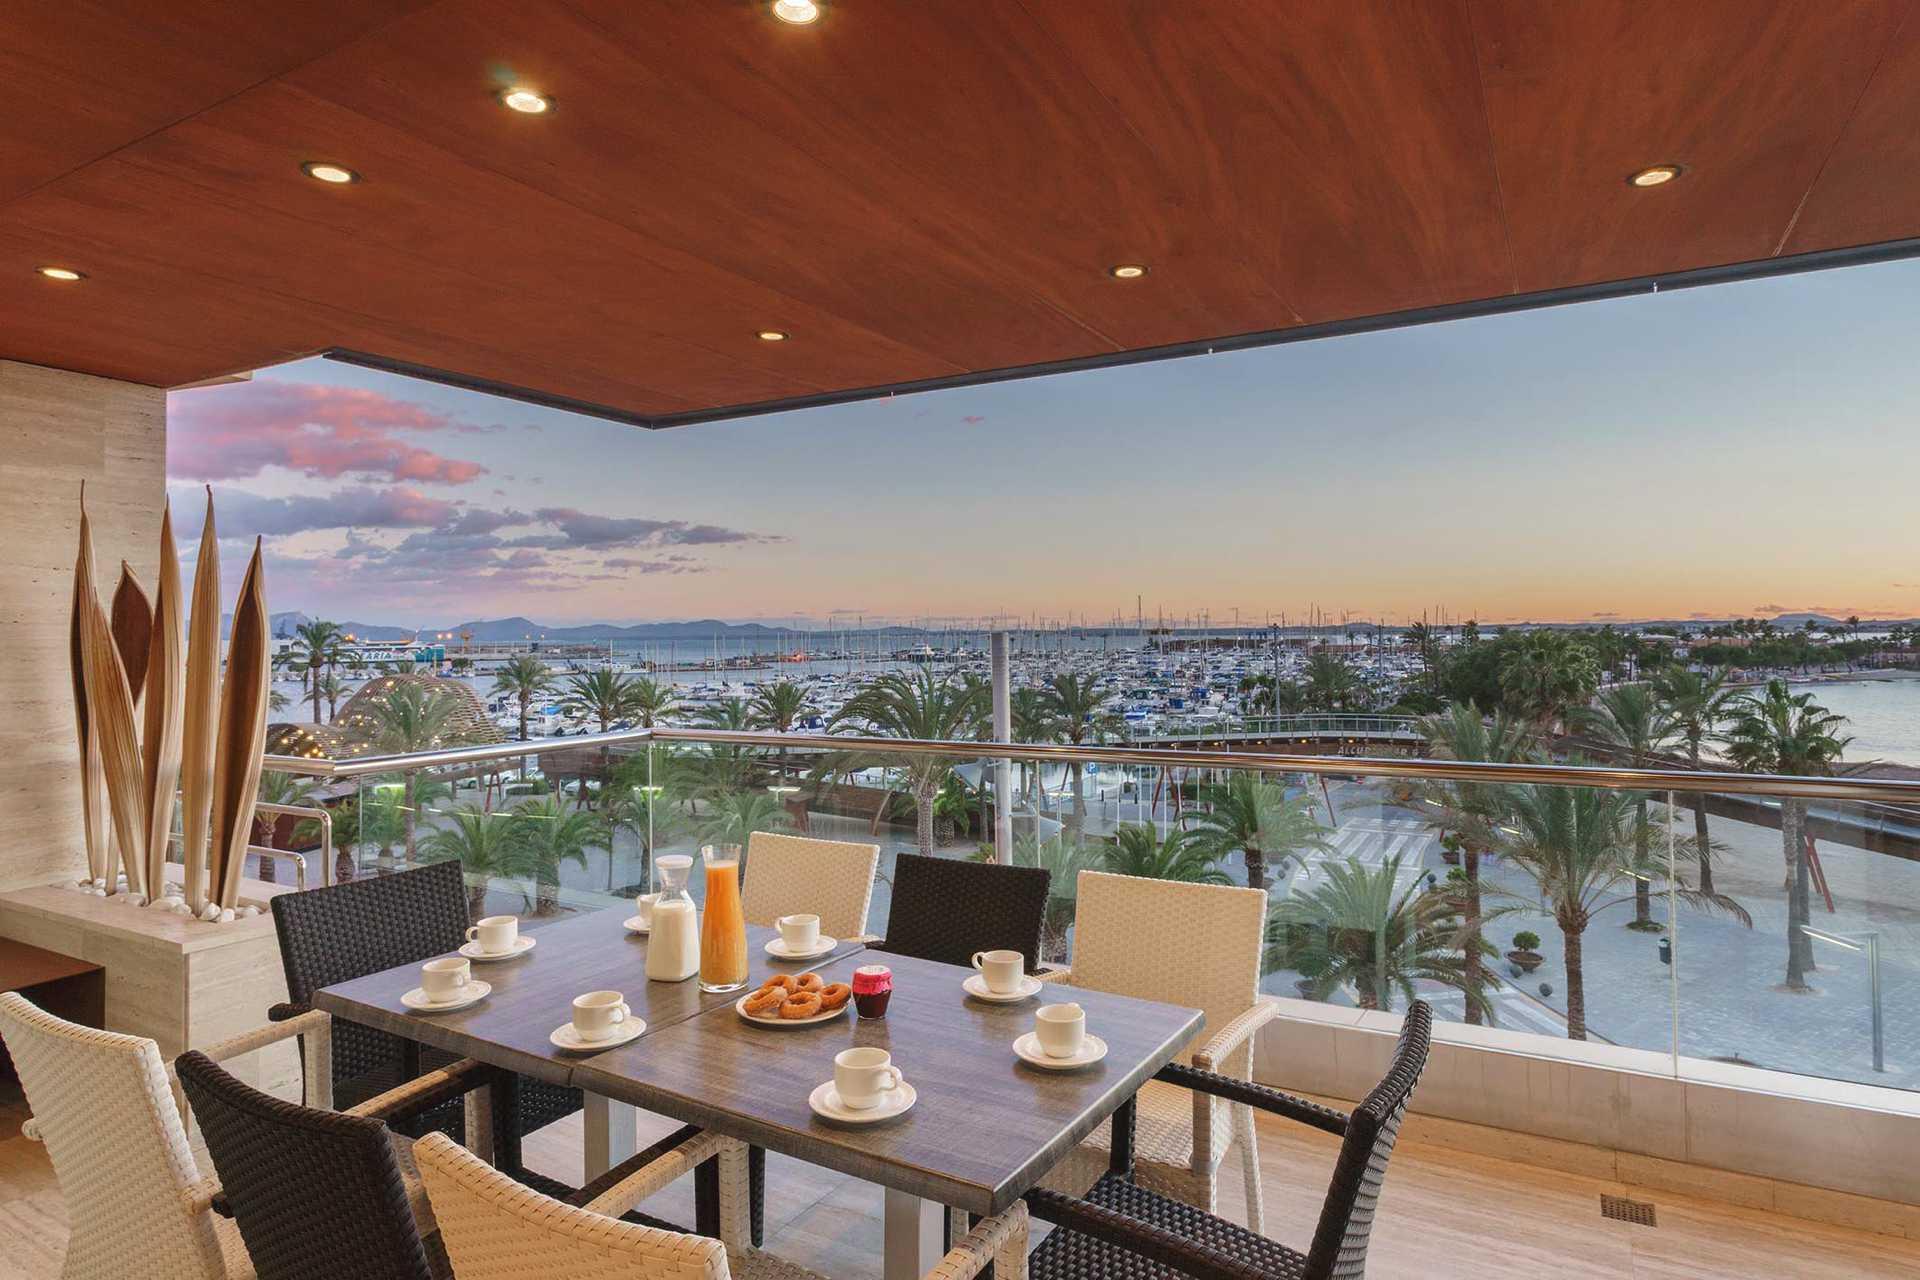 01-291 exclusive apartment Mallorca north Bild 31